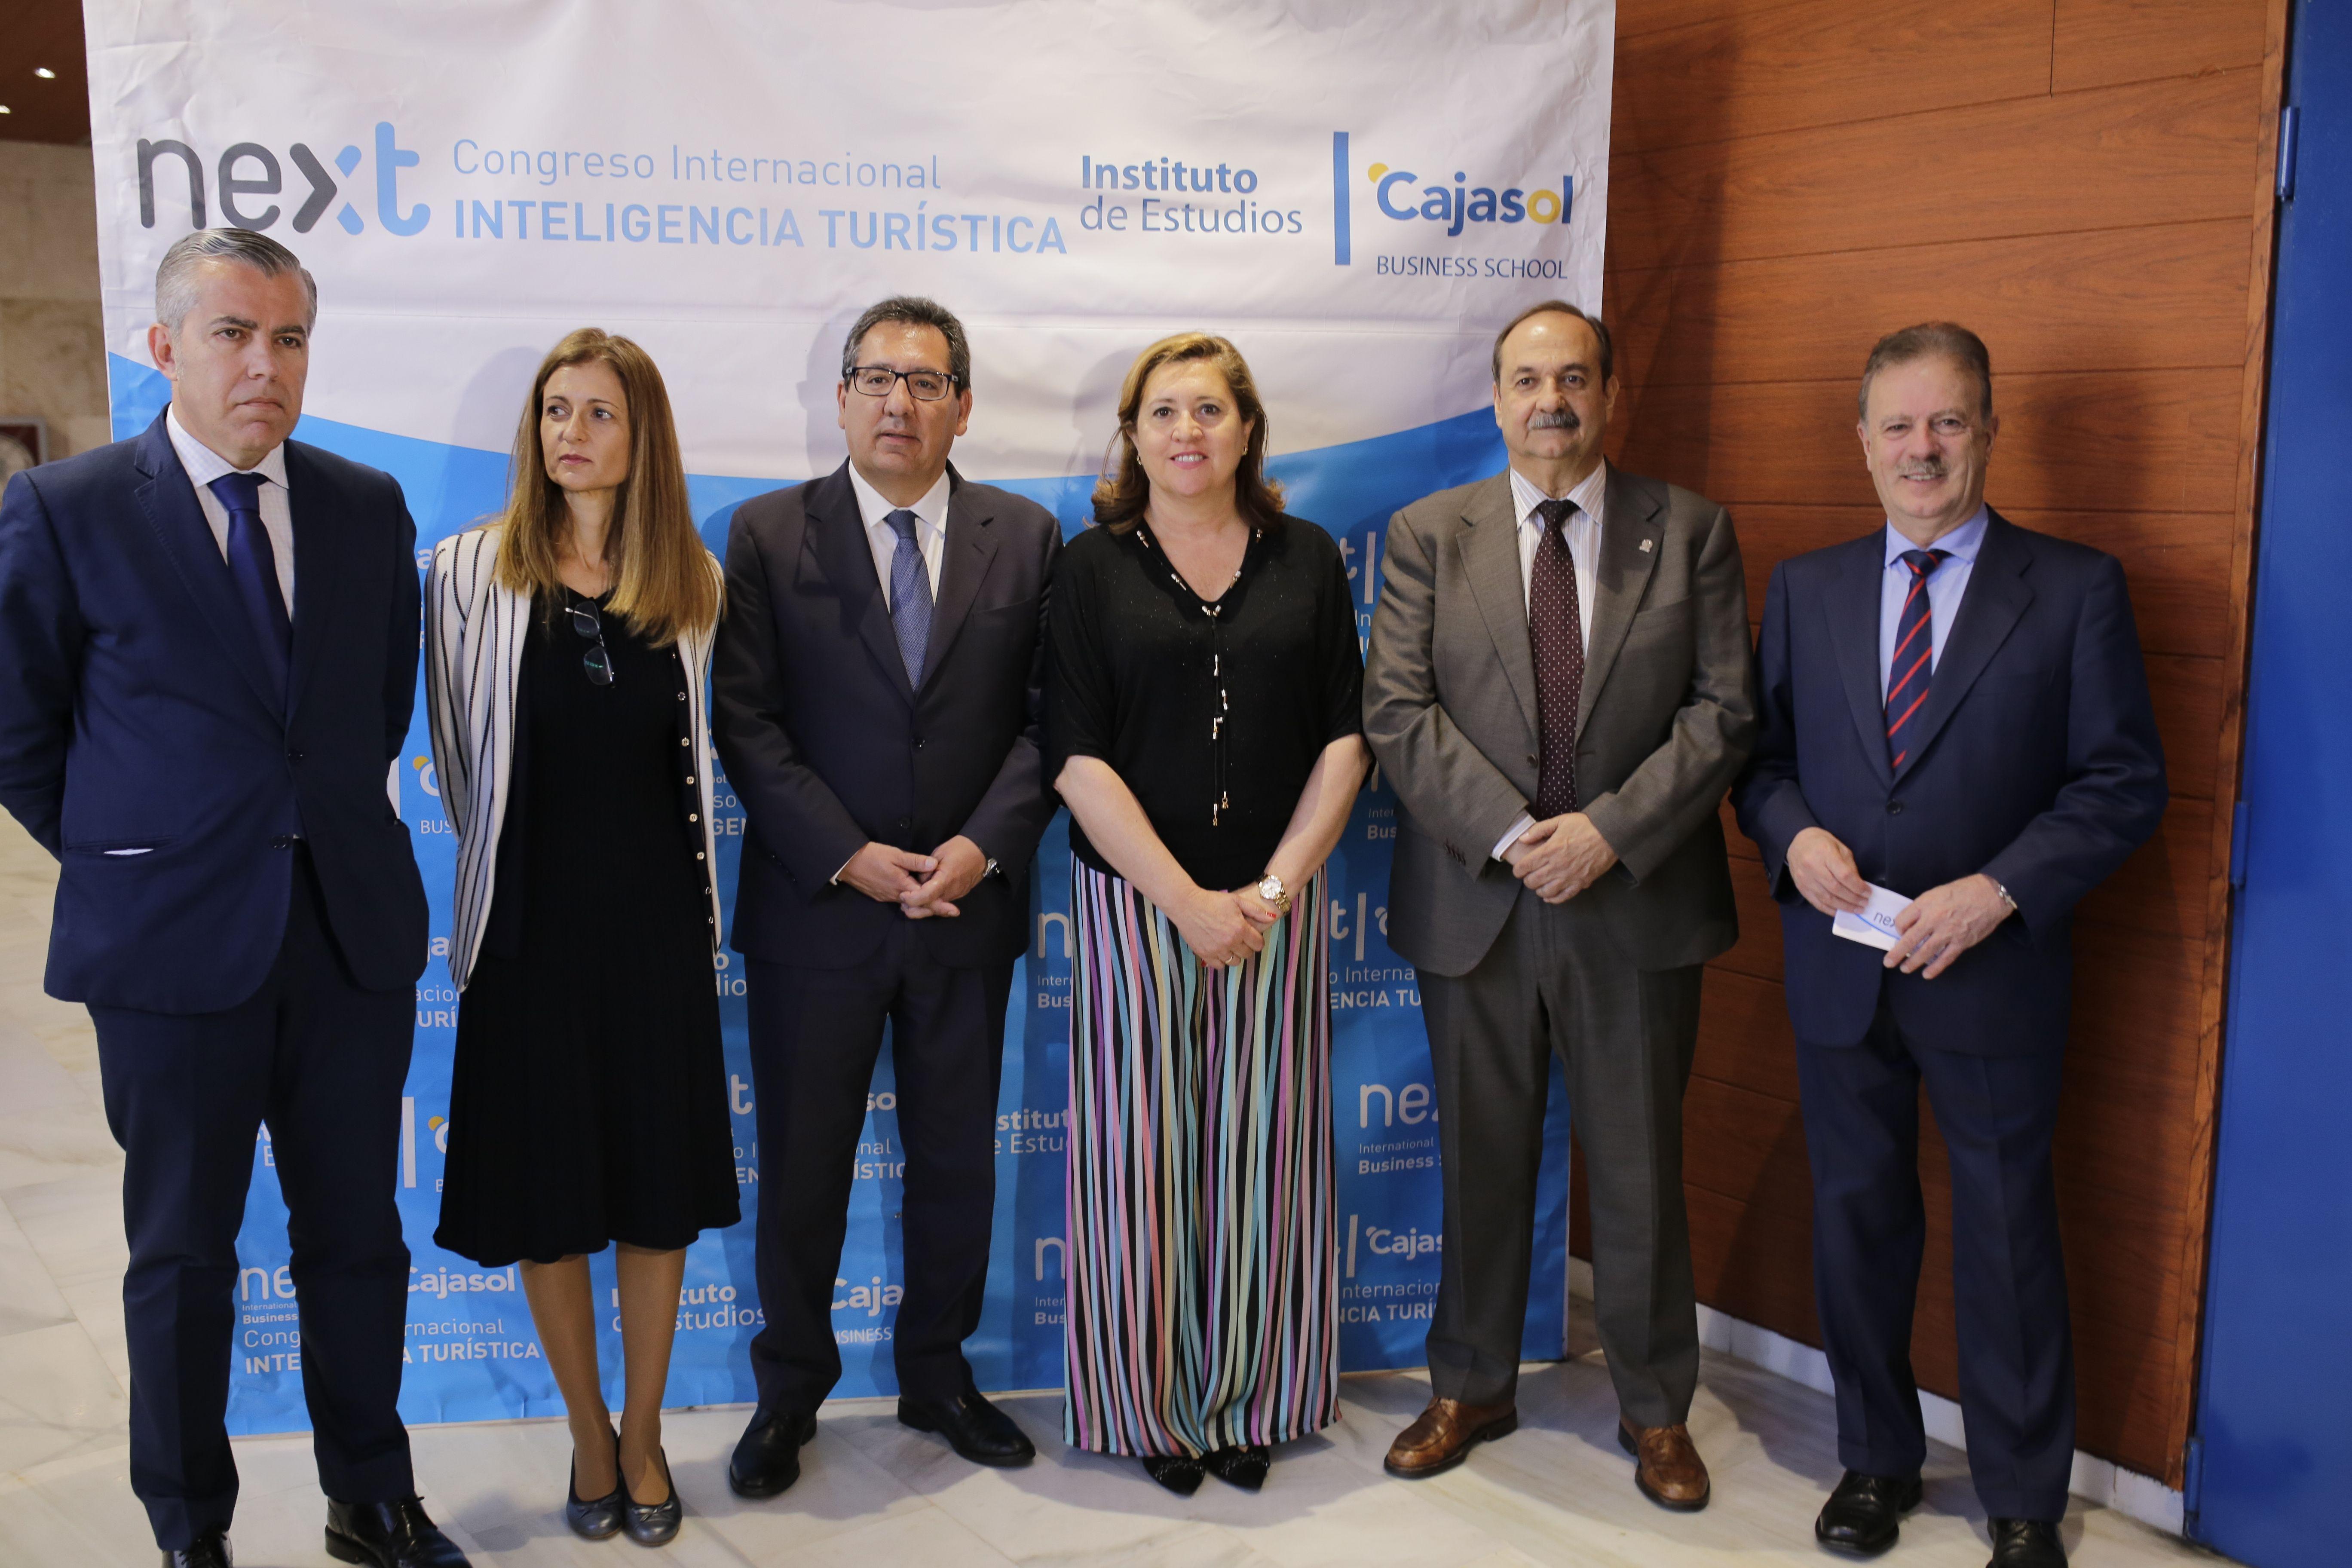 Expertos del área del Turismo han debatido hoy cuestiones tan relevantes como la Turismofobia en la II Jornada de Inteligencia Turística de Toledo, organizada por el Instituto de Estudios Cajasol y Next International Business School .